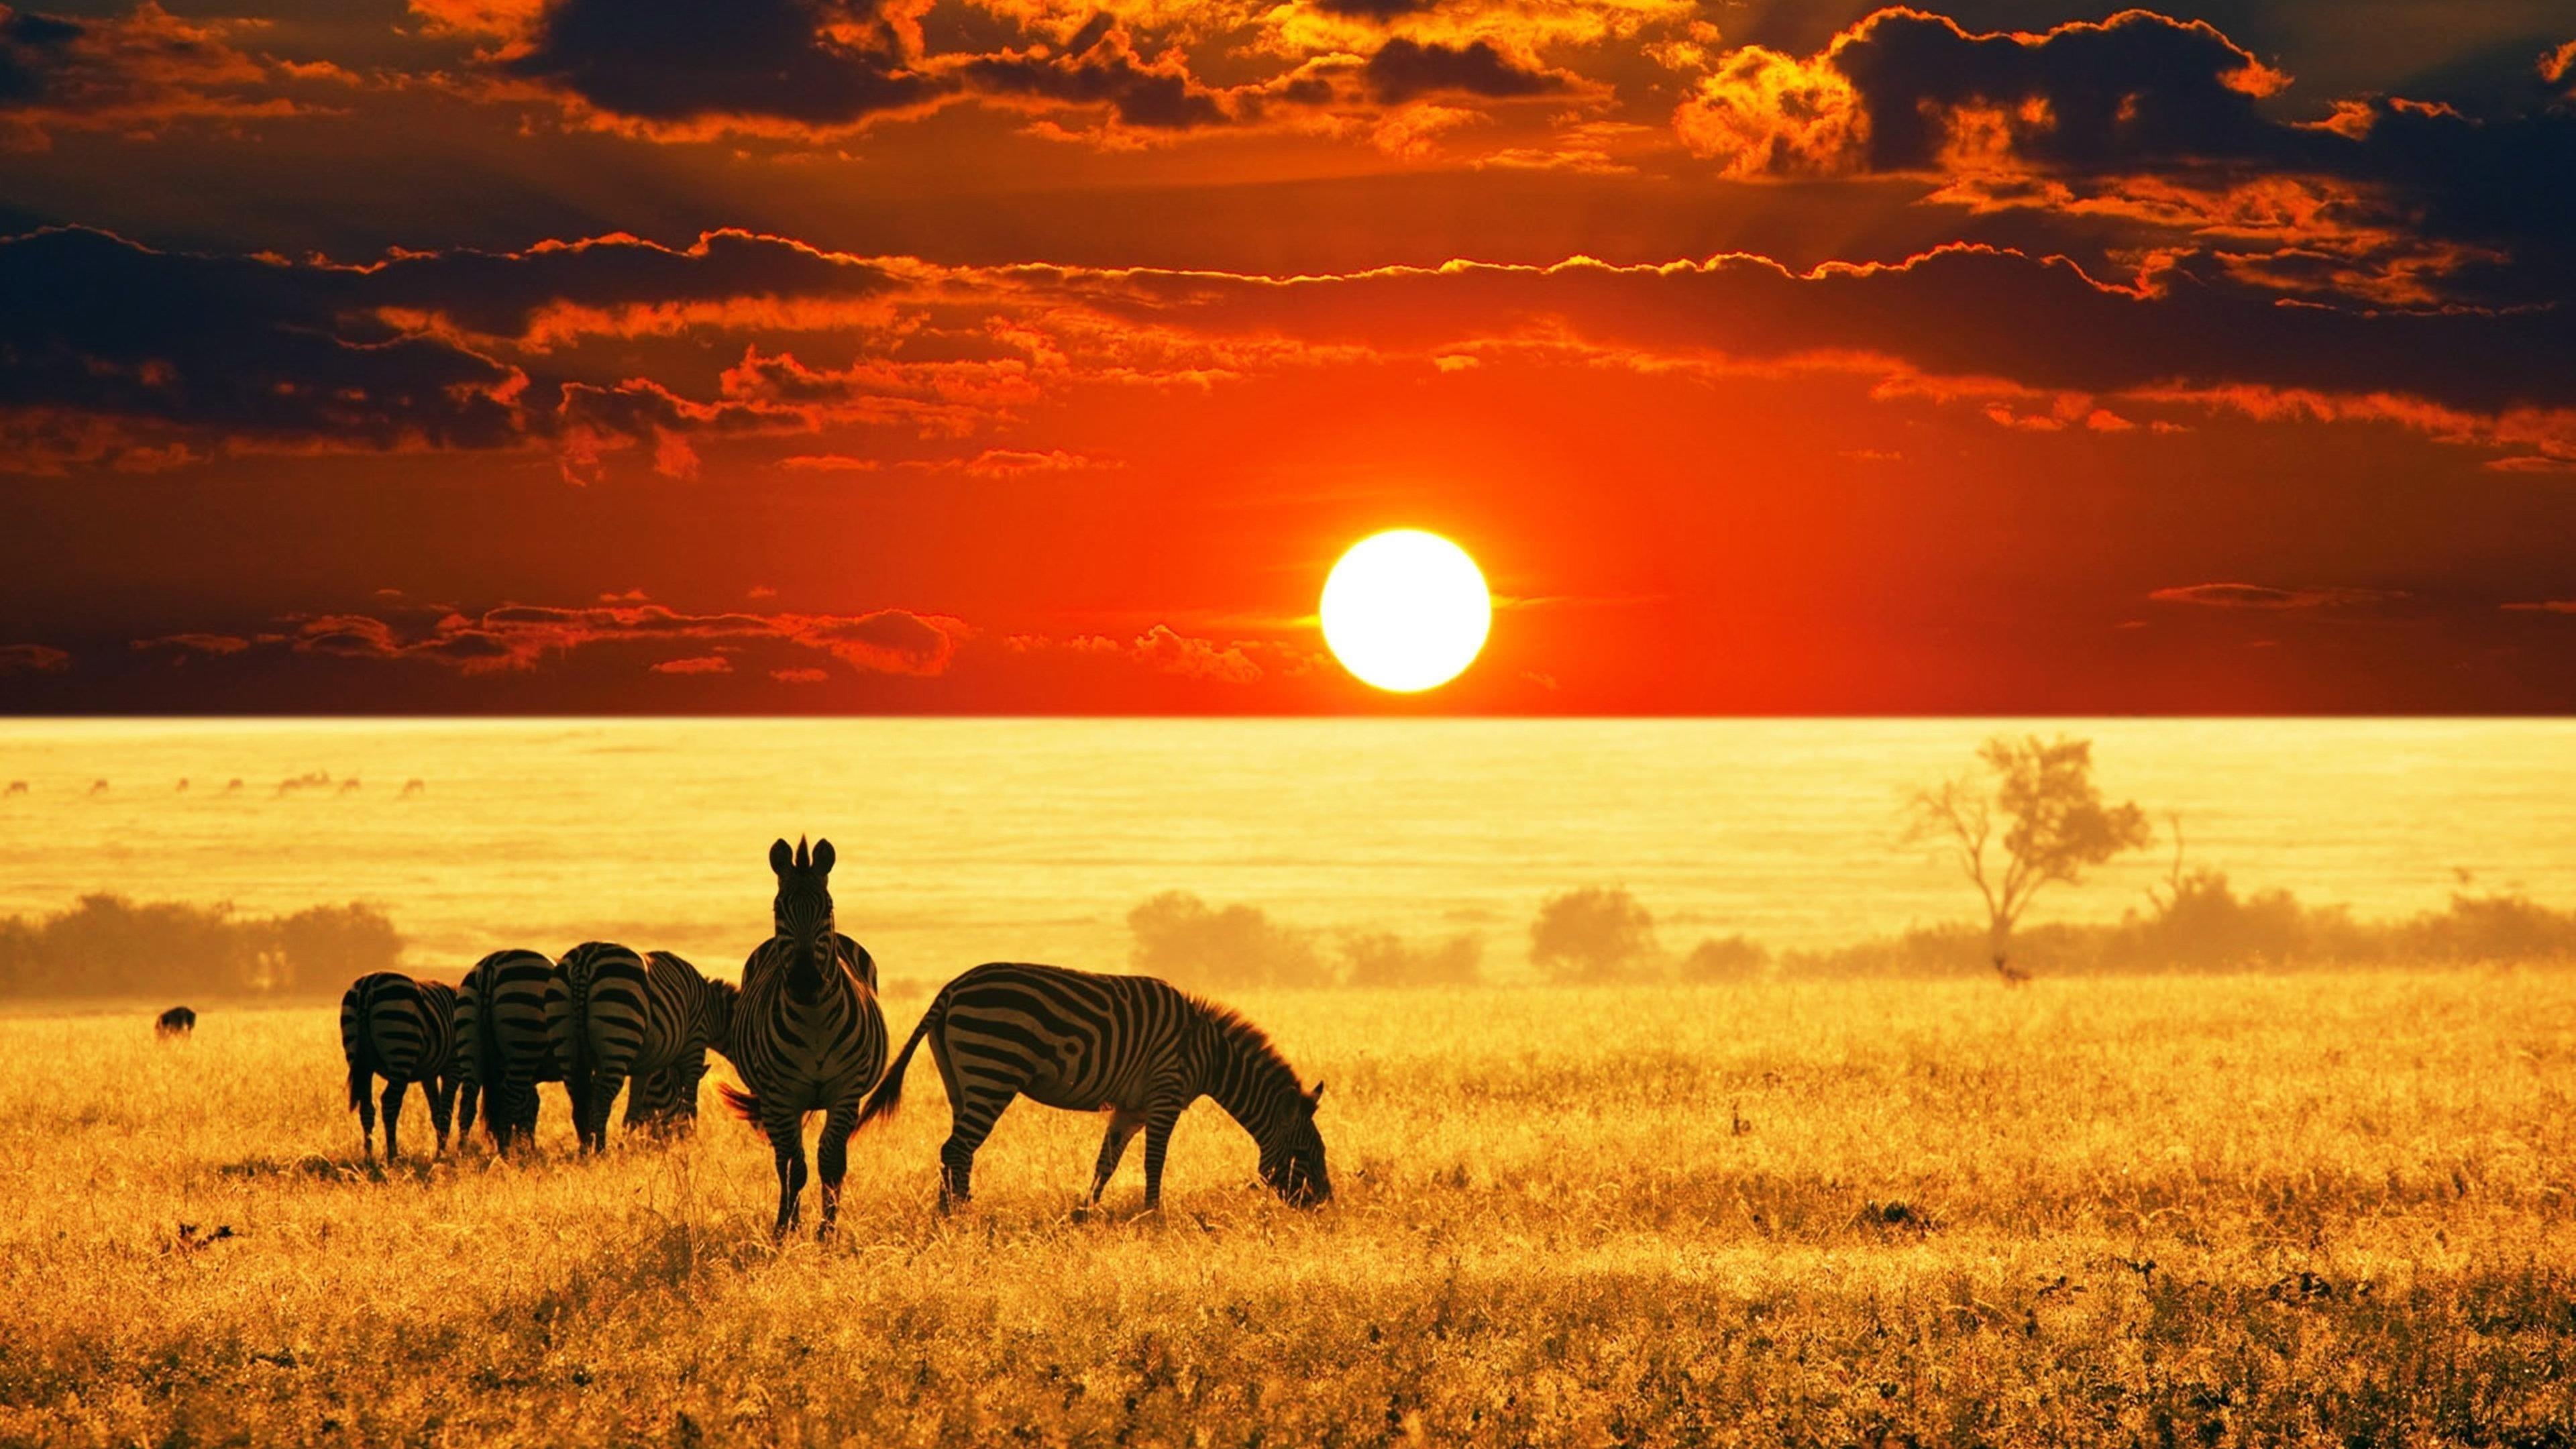 Закат африканской саванны обои скачать